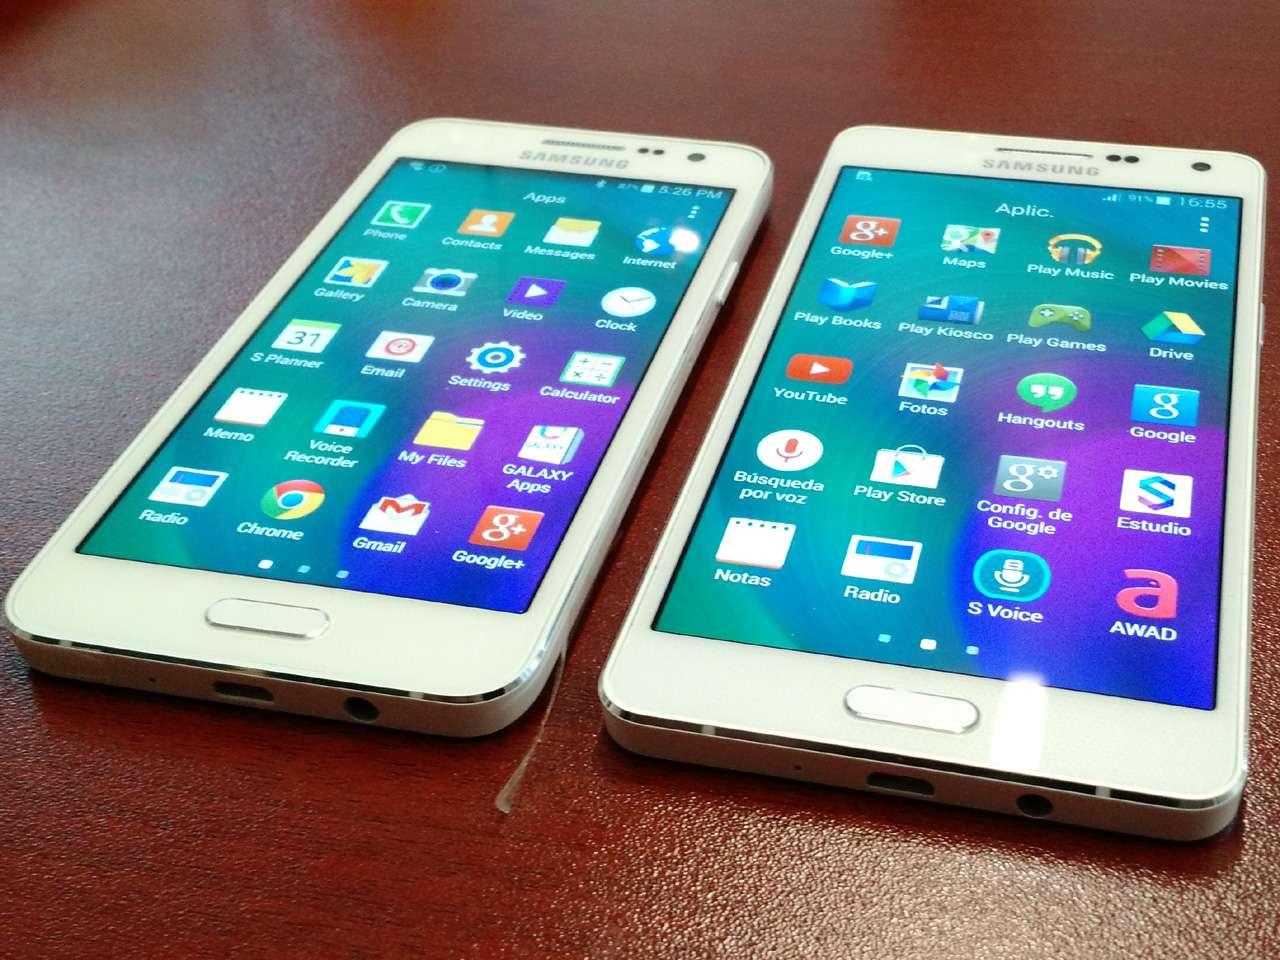 Ambos teléfonos, A3 y A5, tienen bordes metálicos y son muy delgados Foto: Juhani Espinoza/Terra